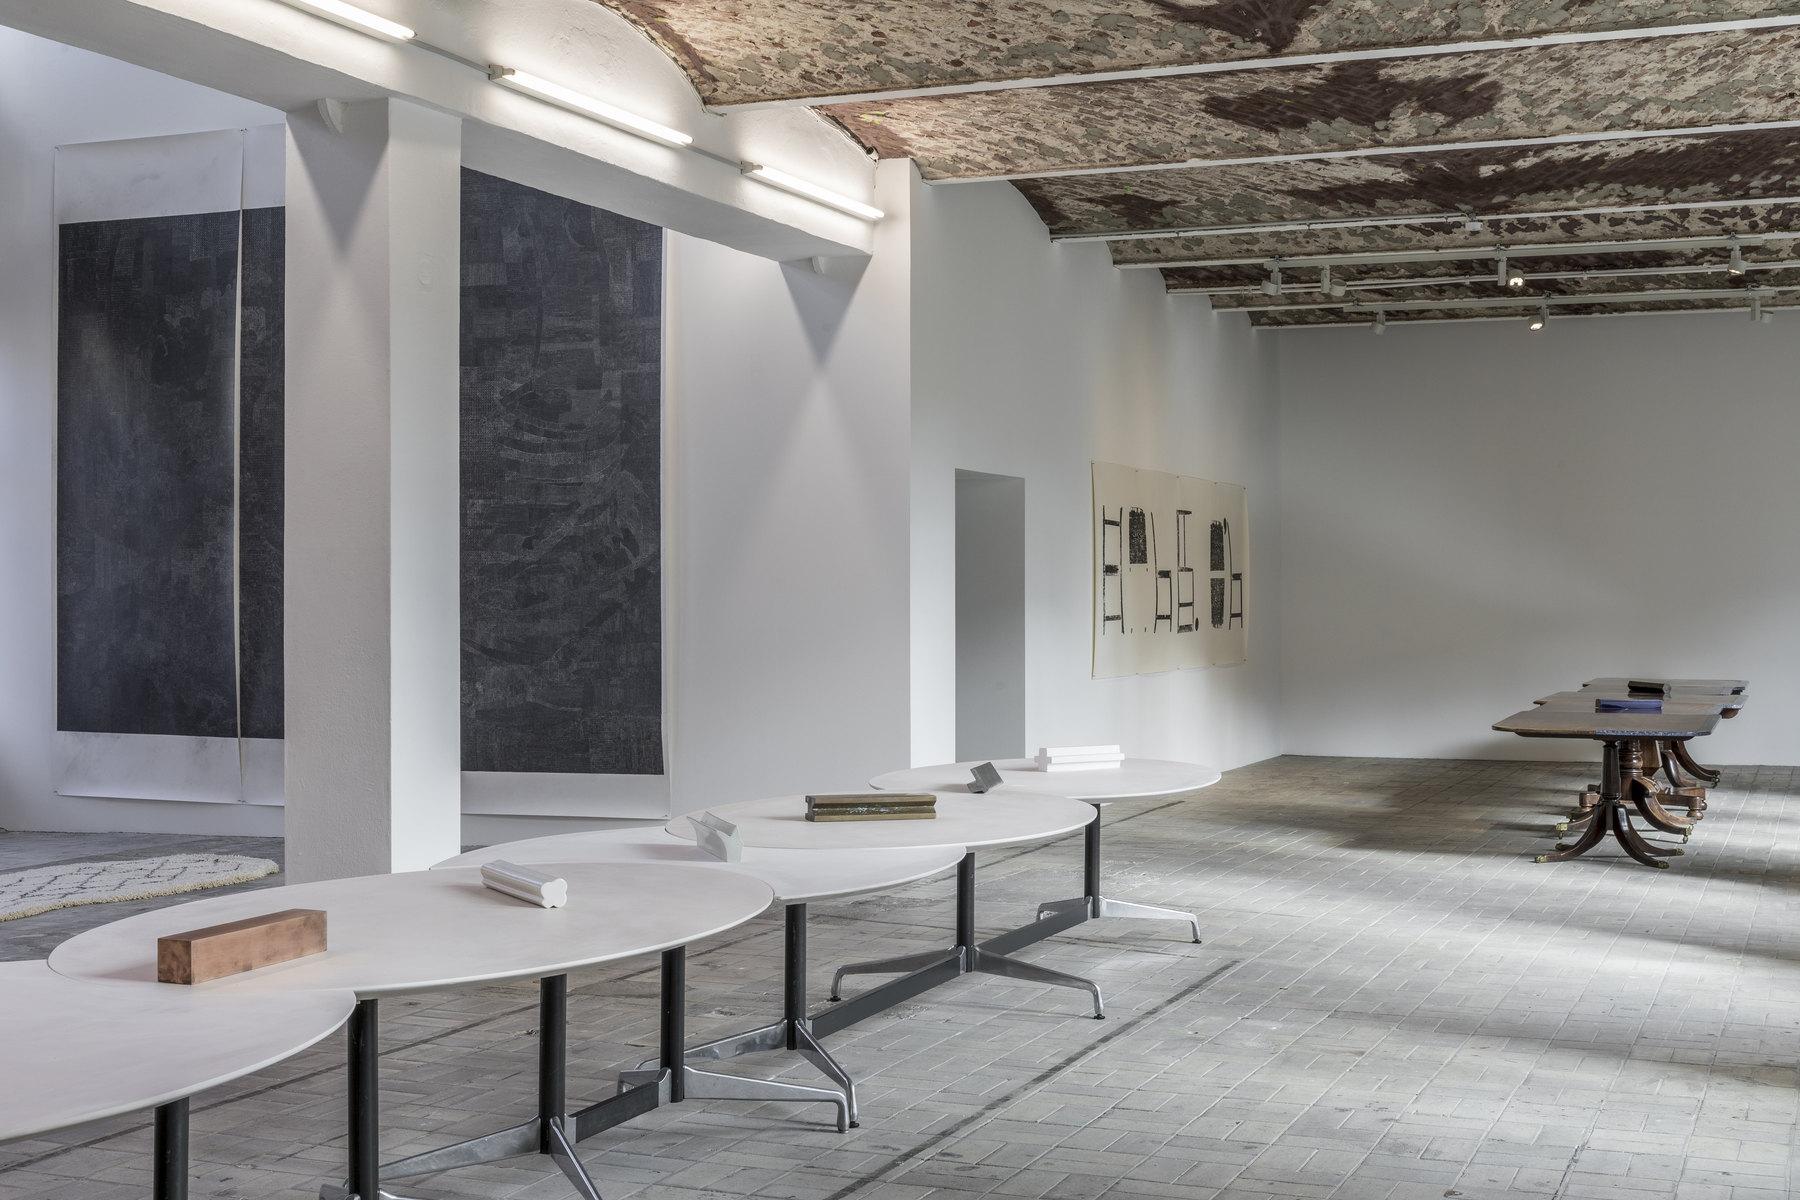 Deko Ideen Mit Kunstobjekten In Der Inneneinrichtung 7